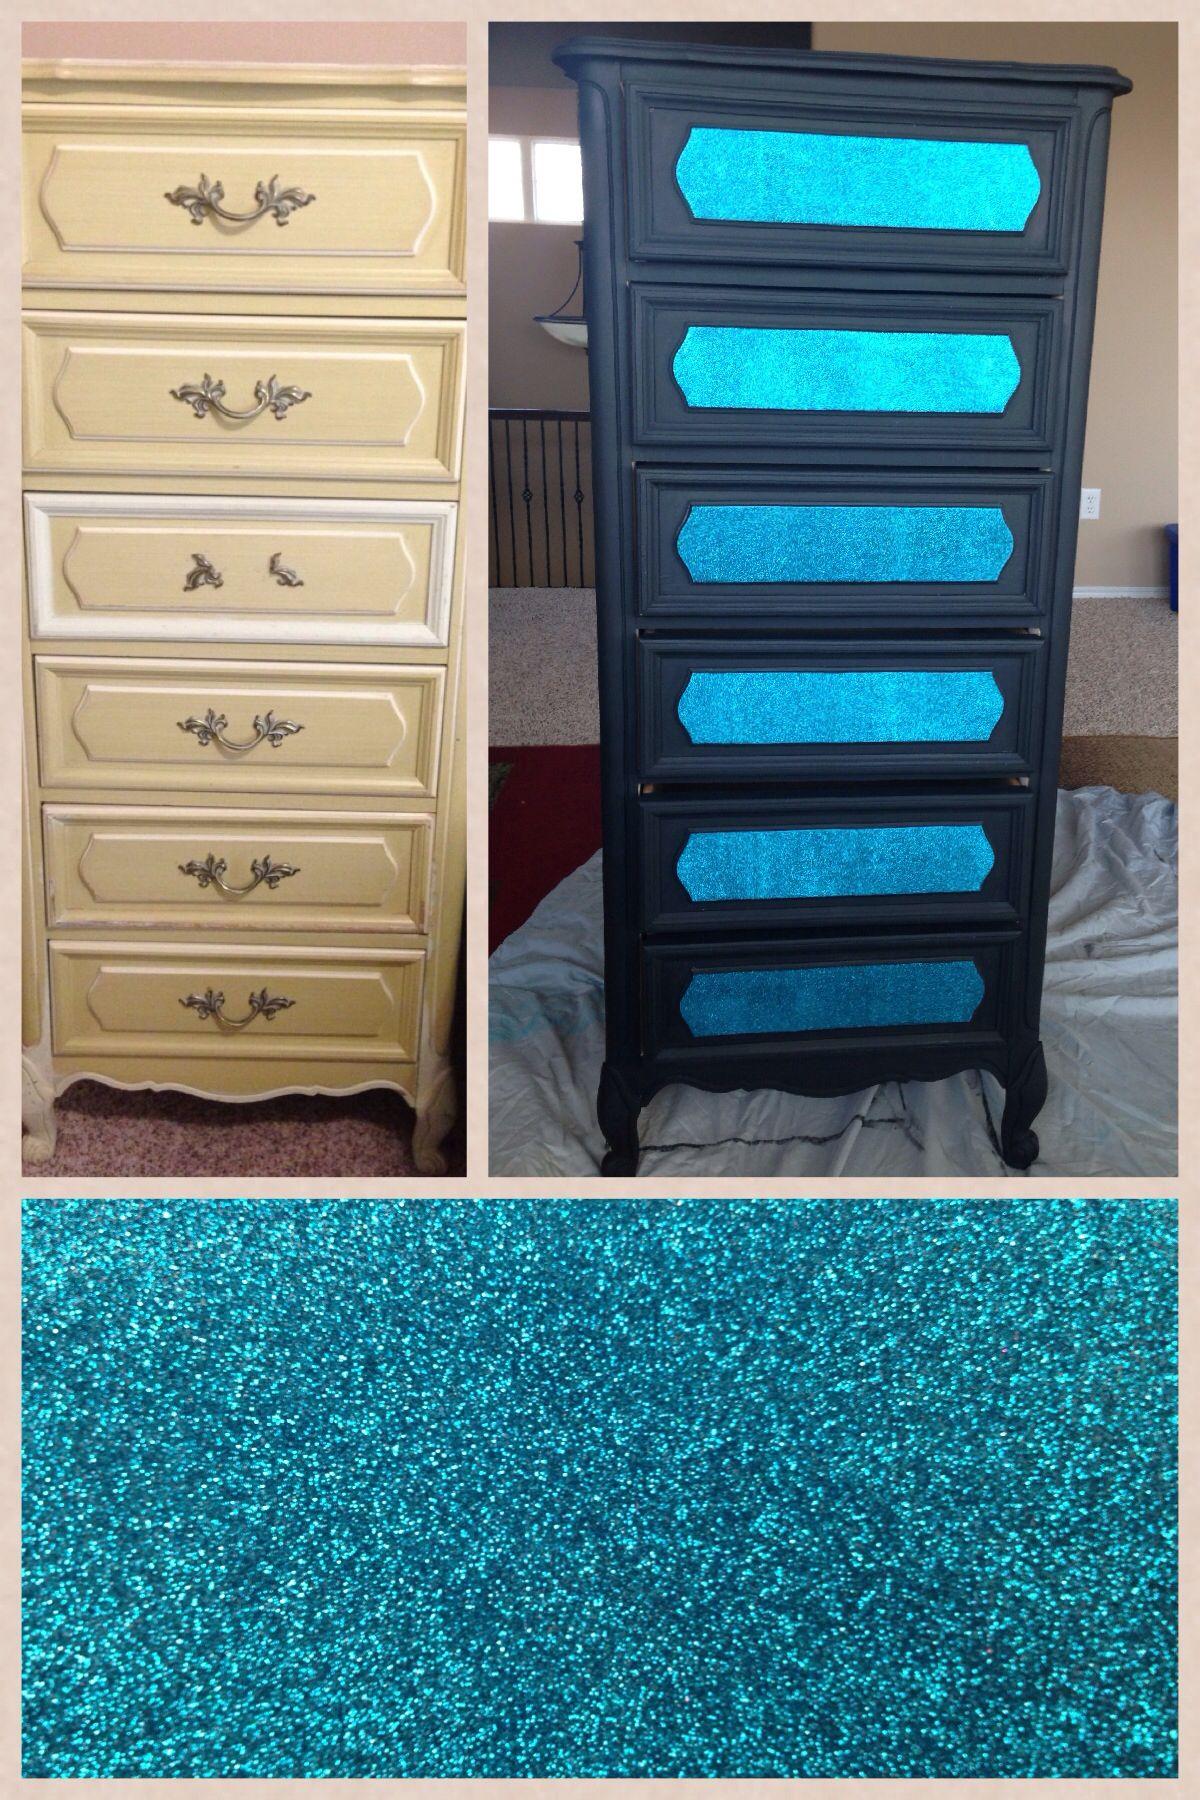 Best Diy Vintage Dresser For Kids Room Painted With Plaster 400 x 300